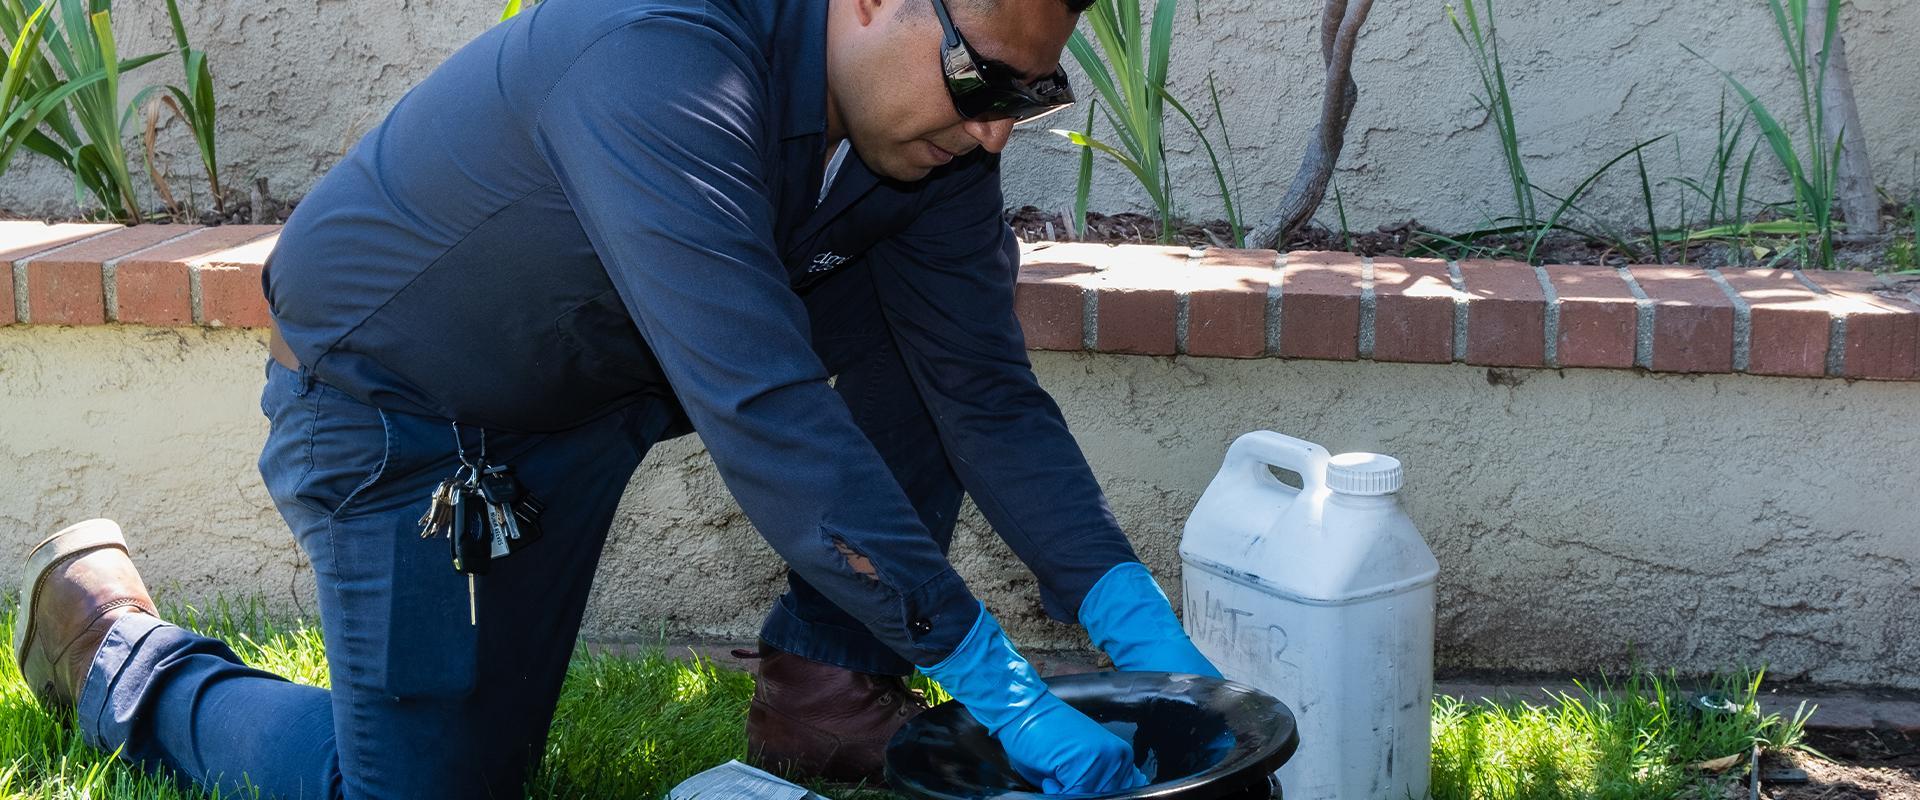 technician kneeling over bait